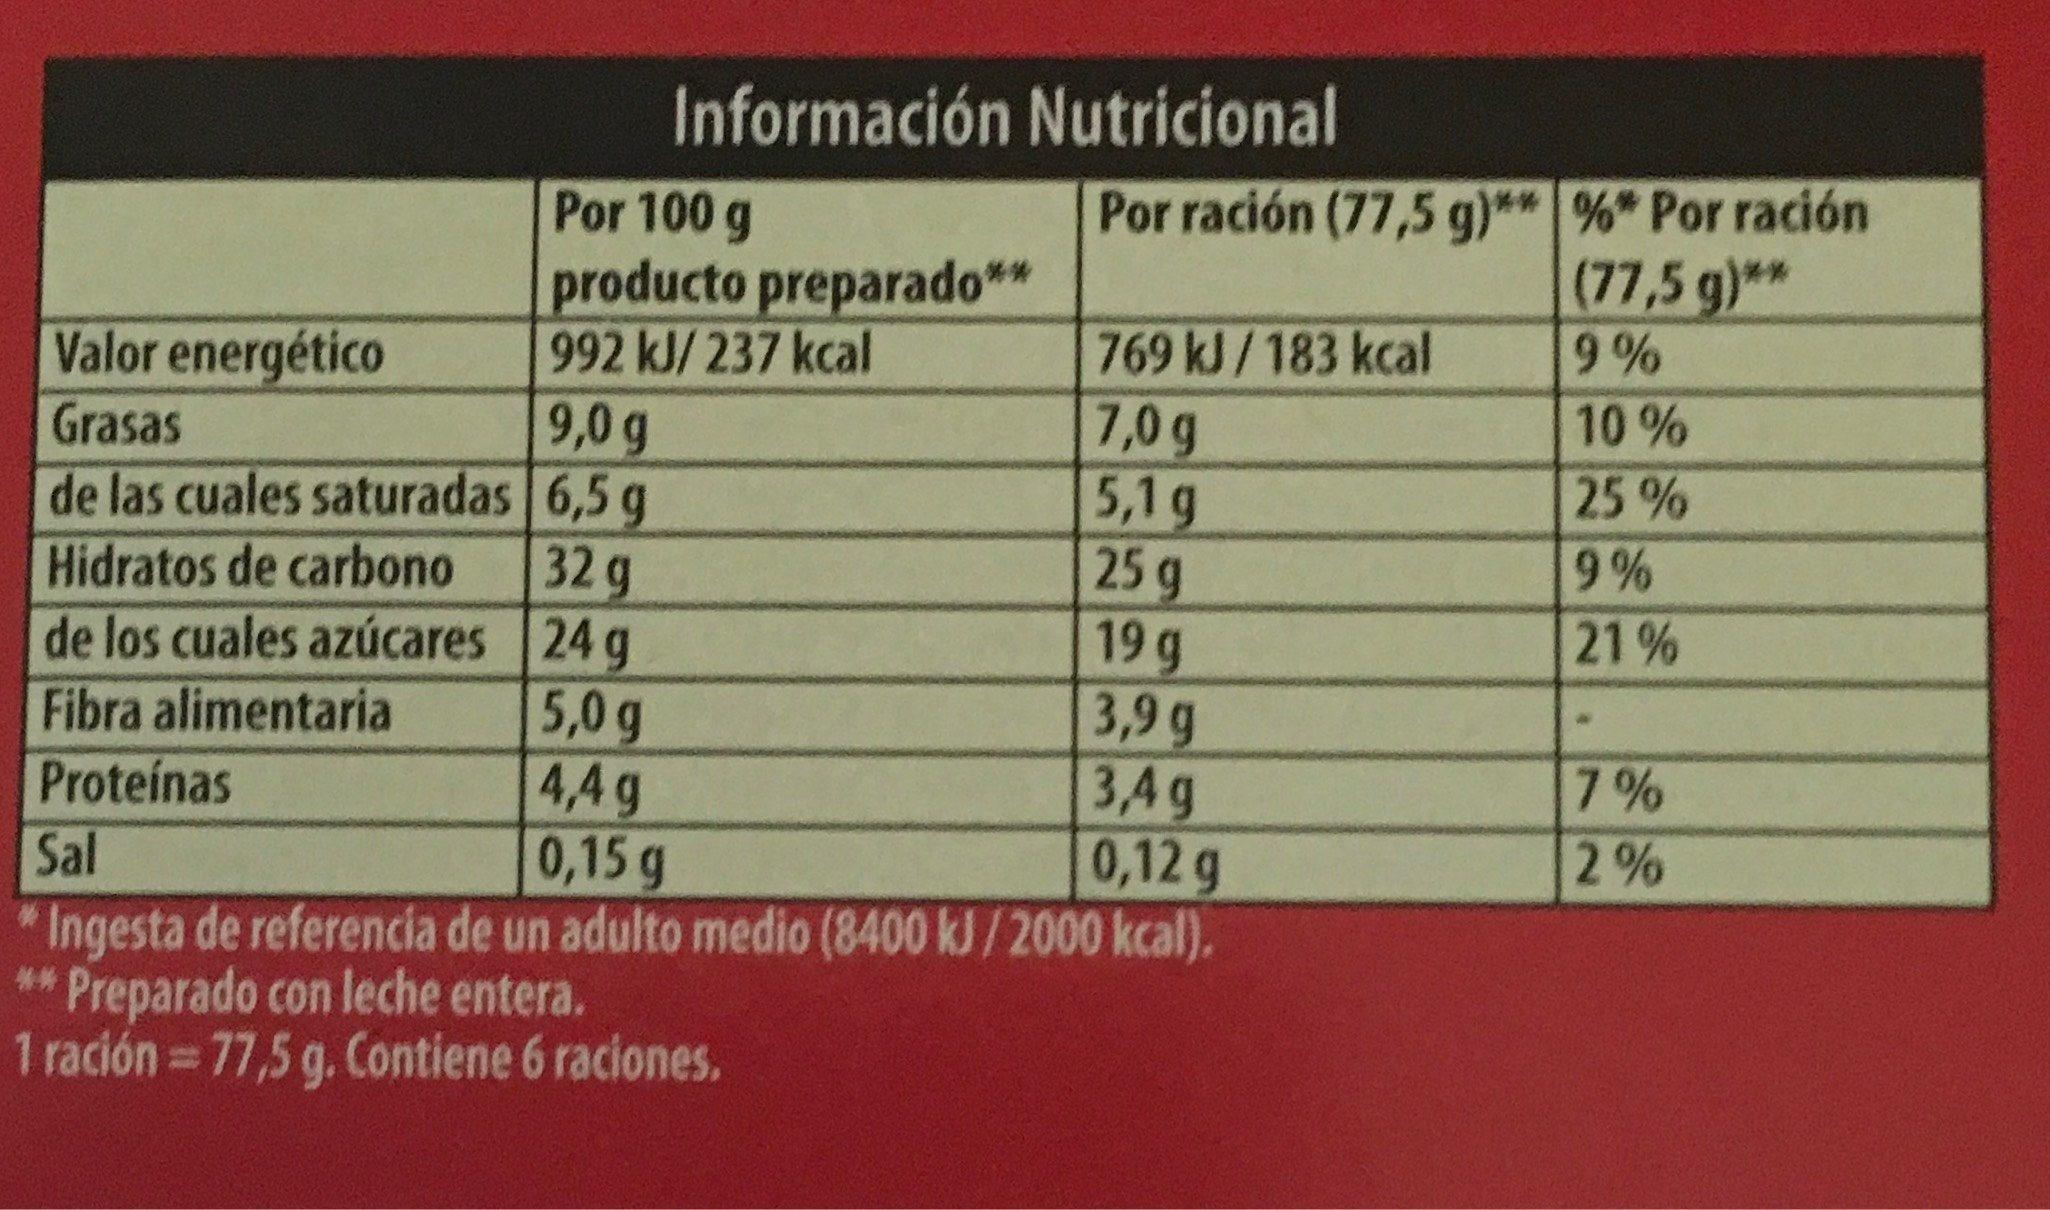 Royal Preparat Per Gelat De Xocolata Amb Milka - Informations nutritionnelles - es